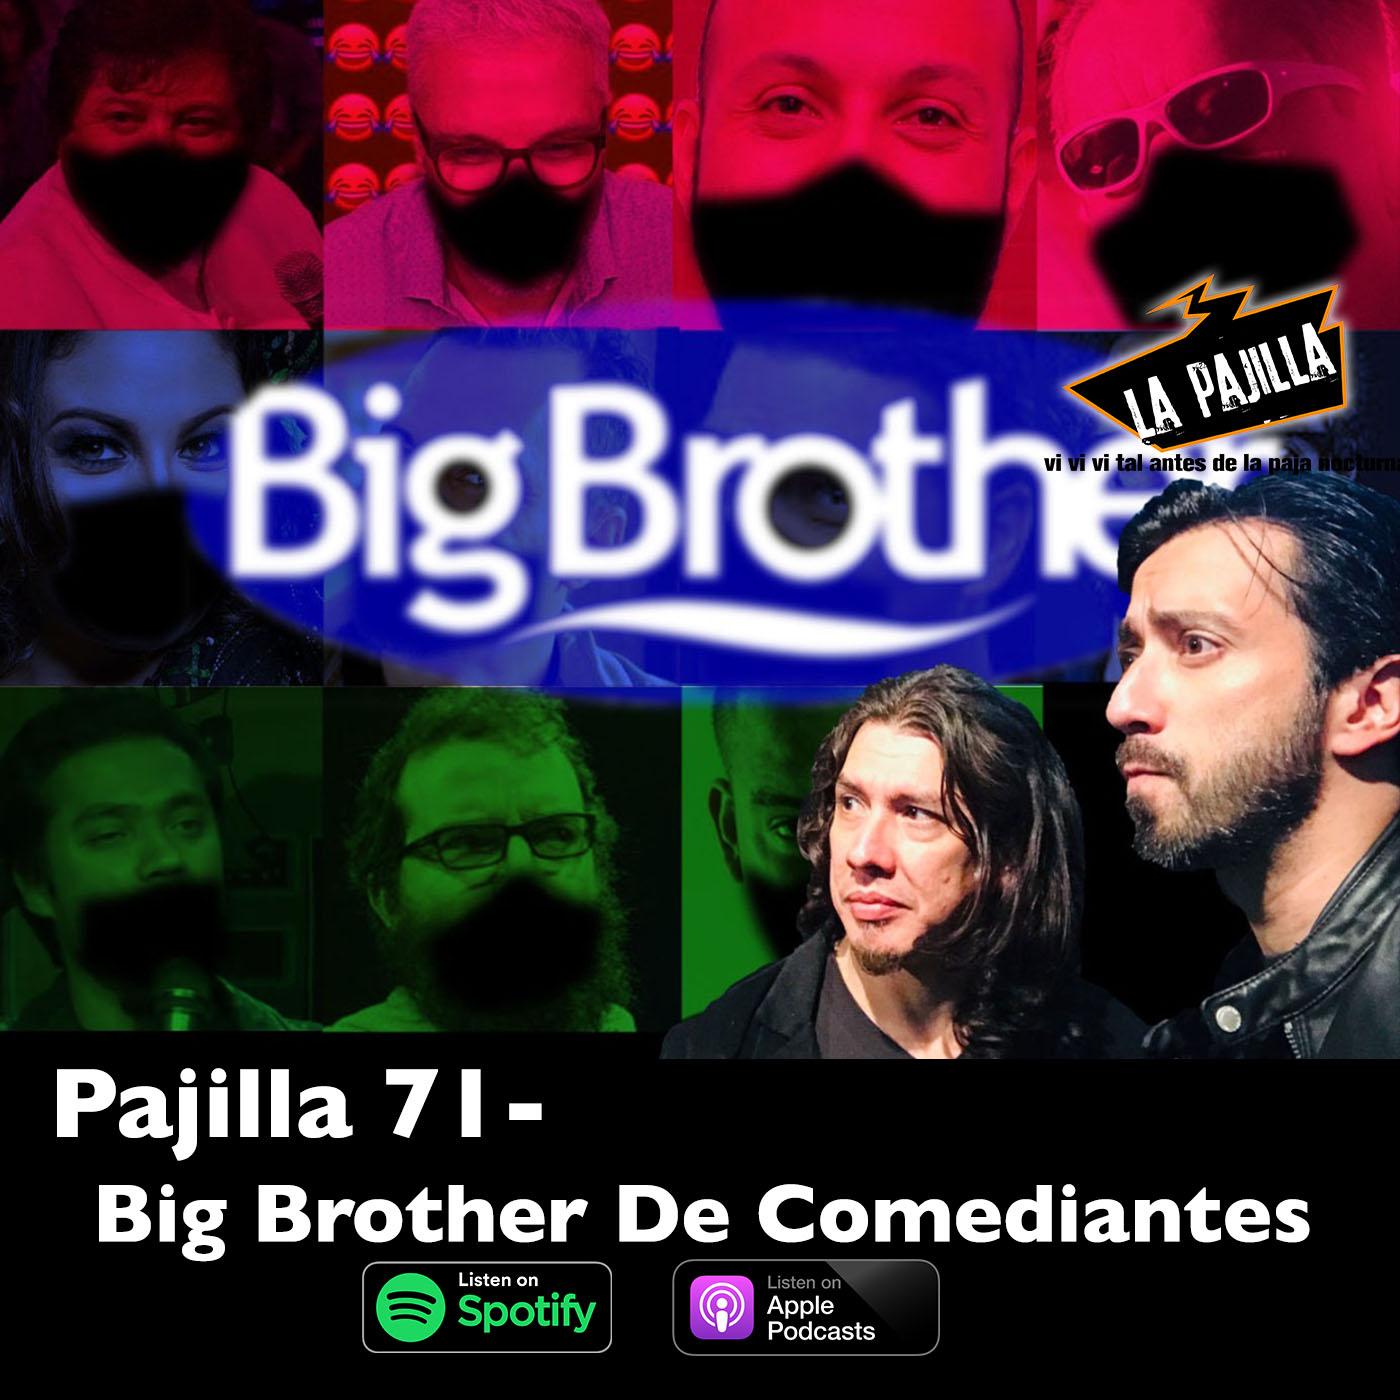 La Paja Nocturna Podcast CR Pajilla 71